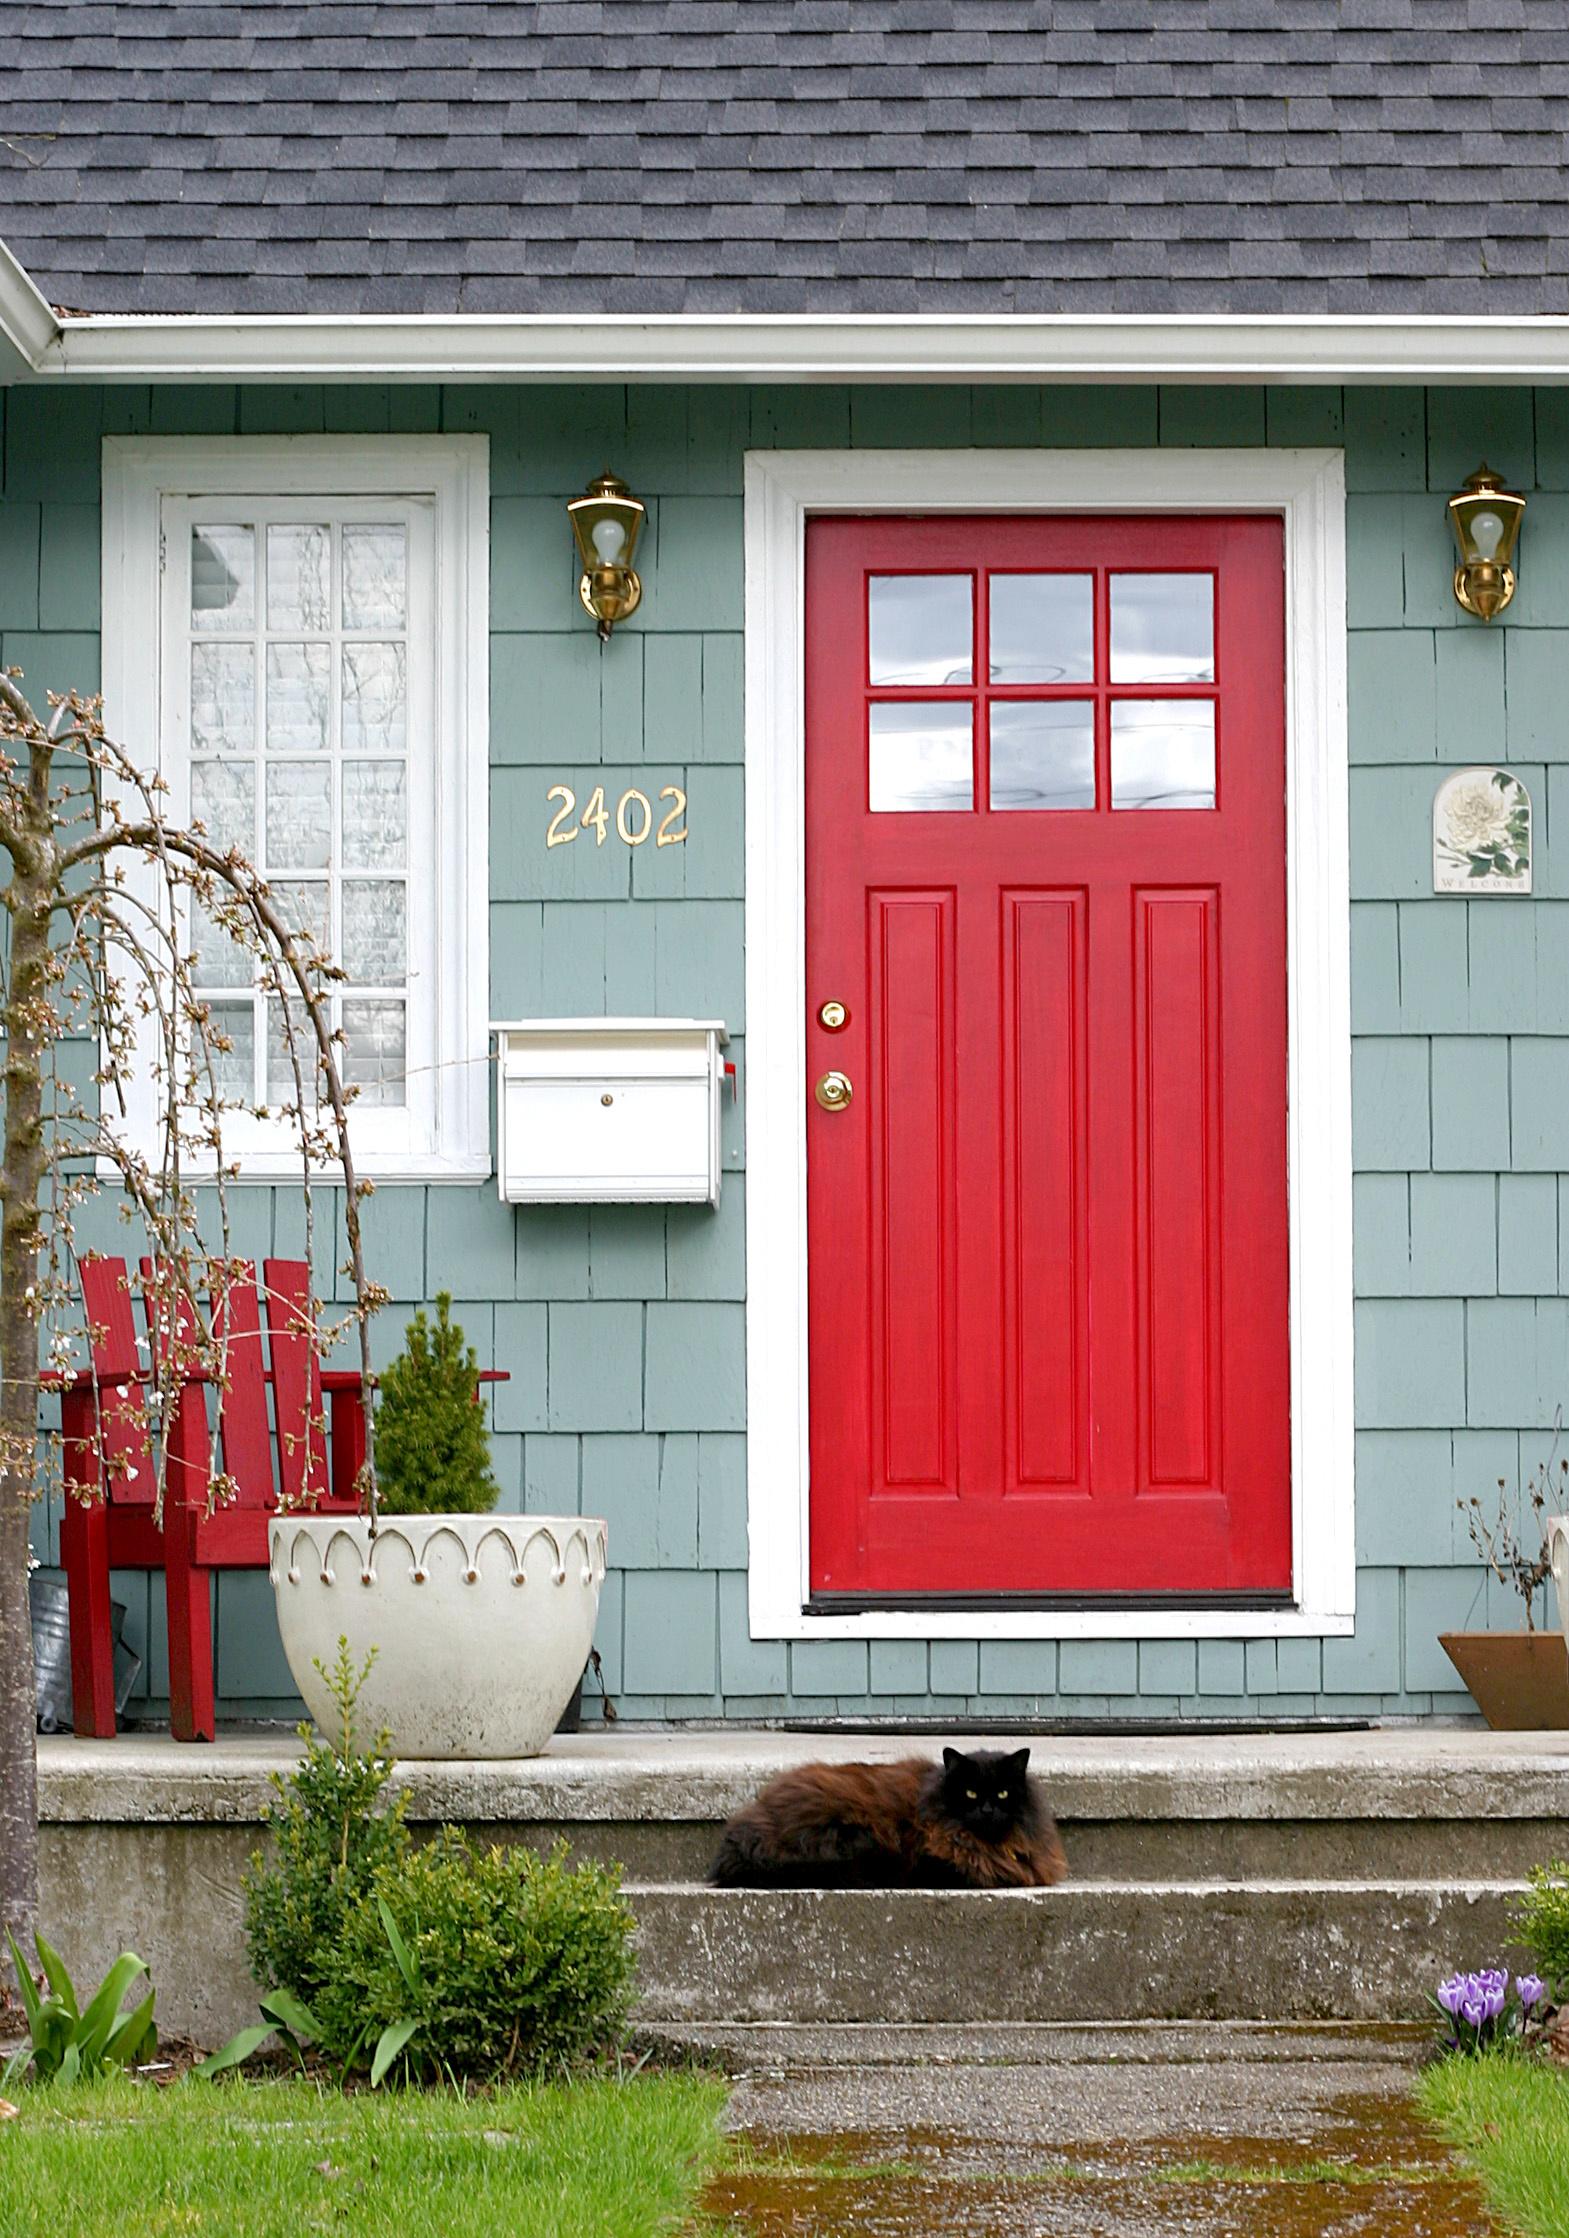 red door and cat